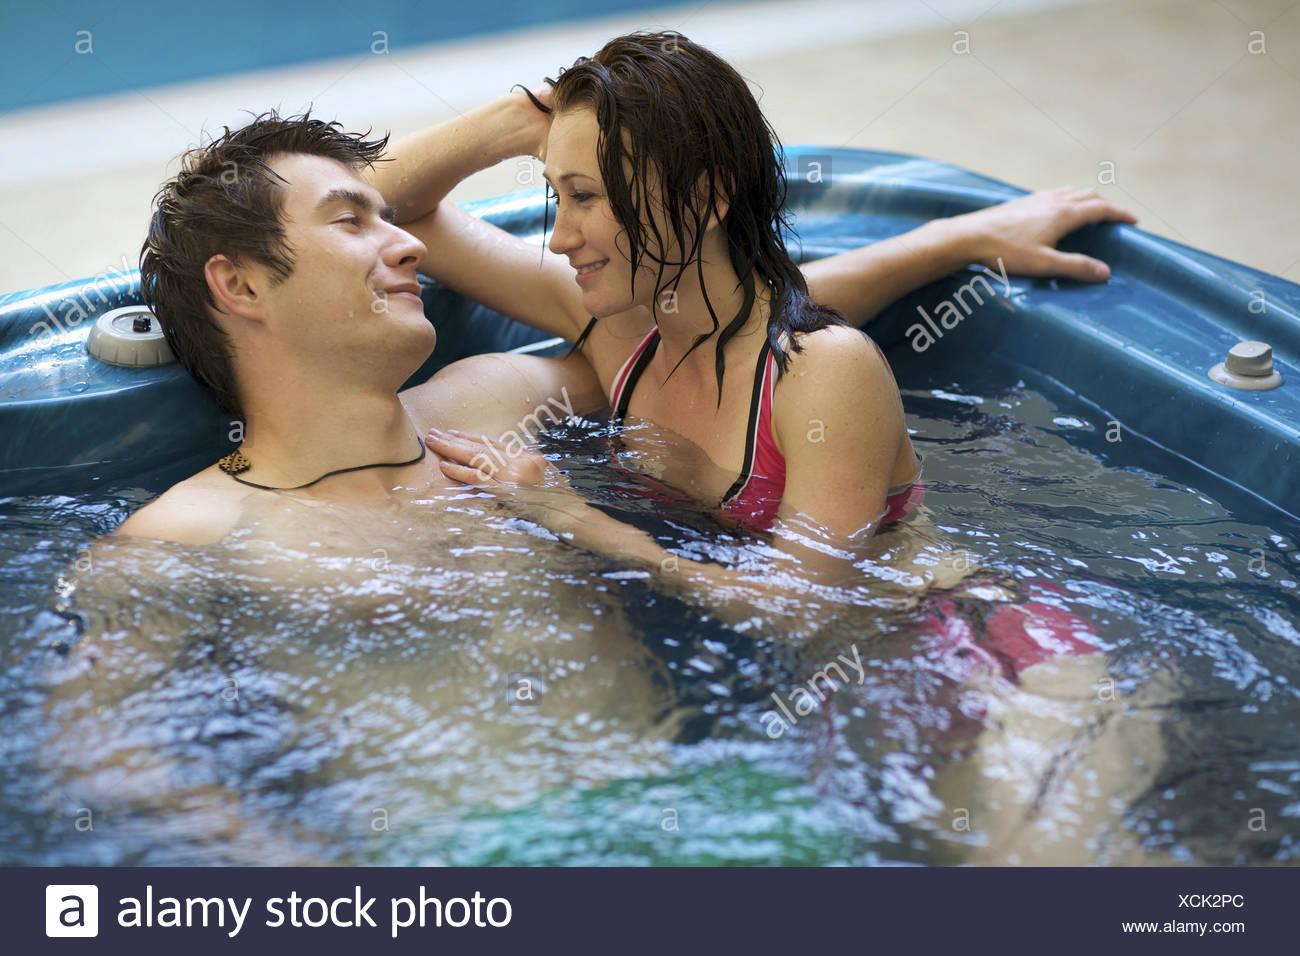 Couple bathing at jacuzzi - Stock Image